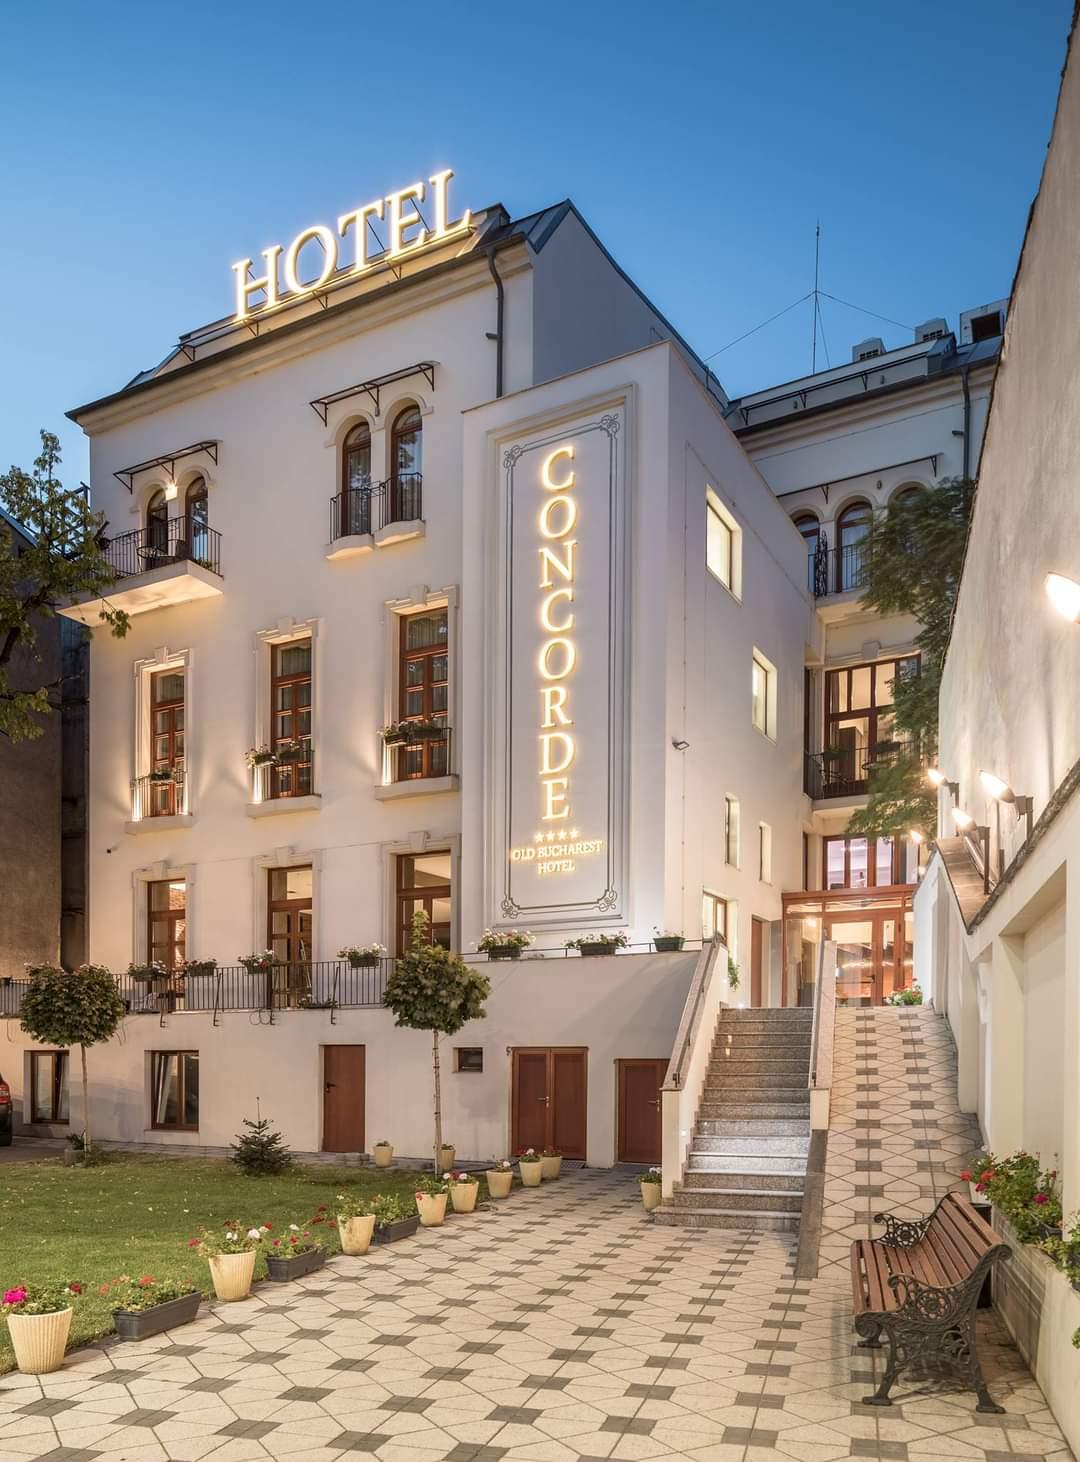 מלון חדש לדתיים בבוקרשט